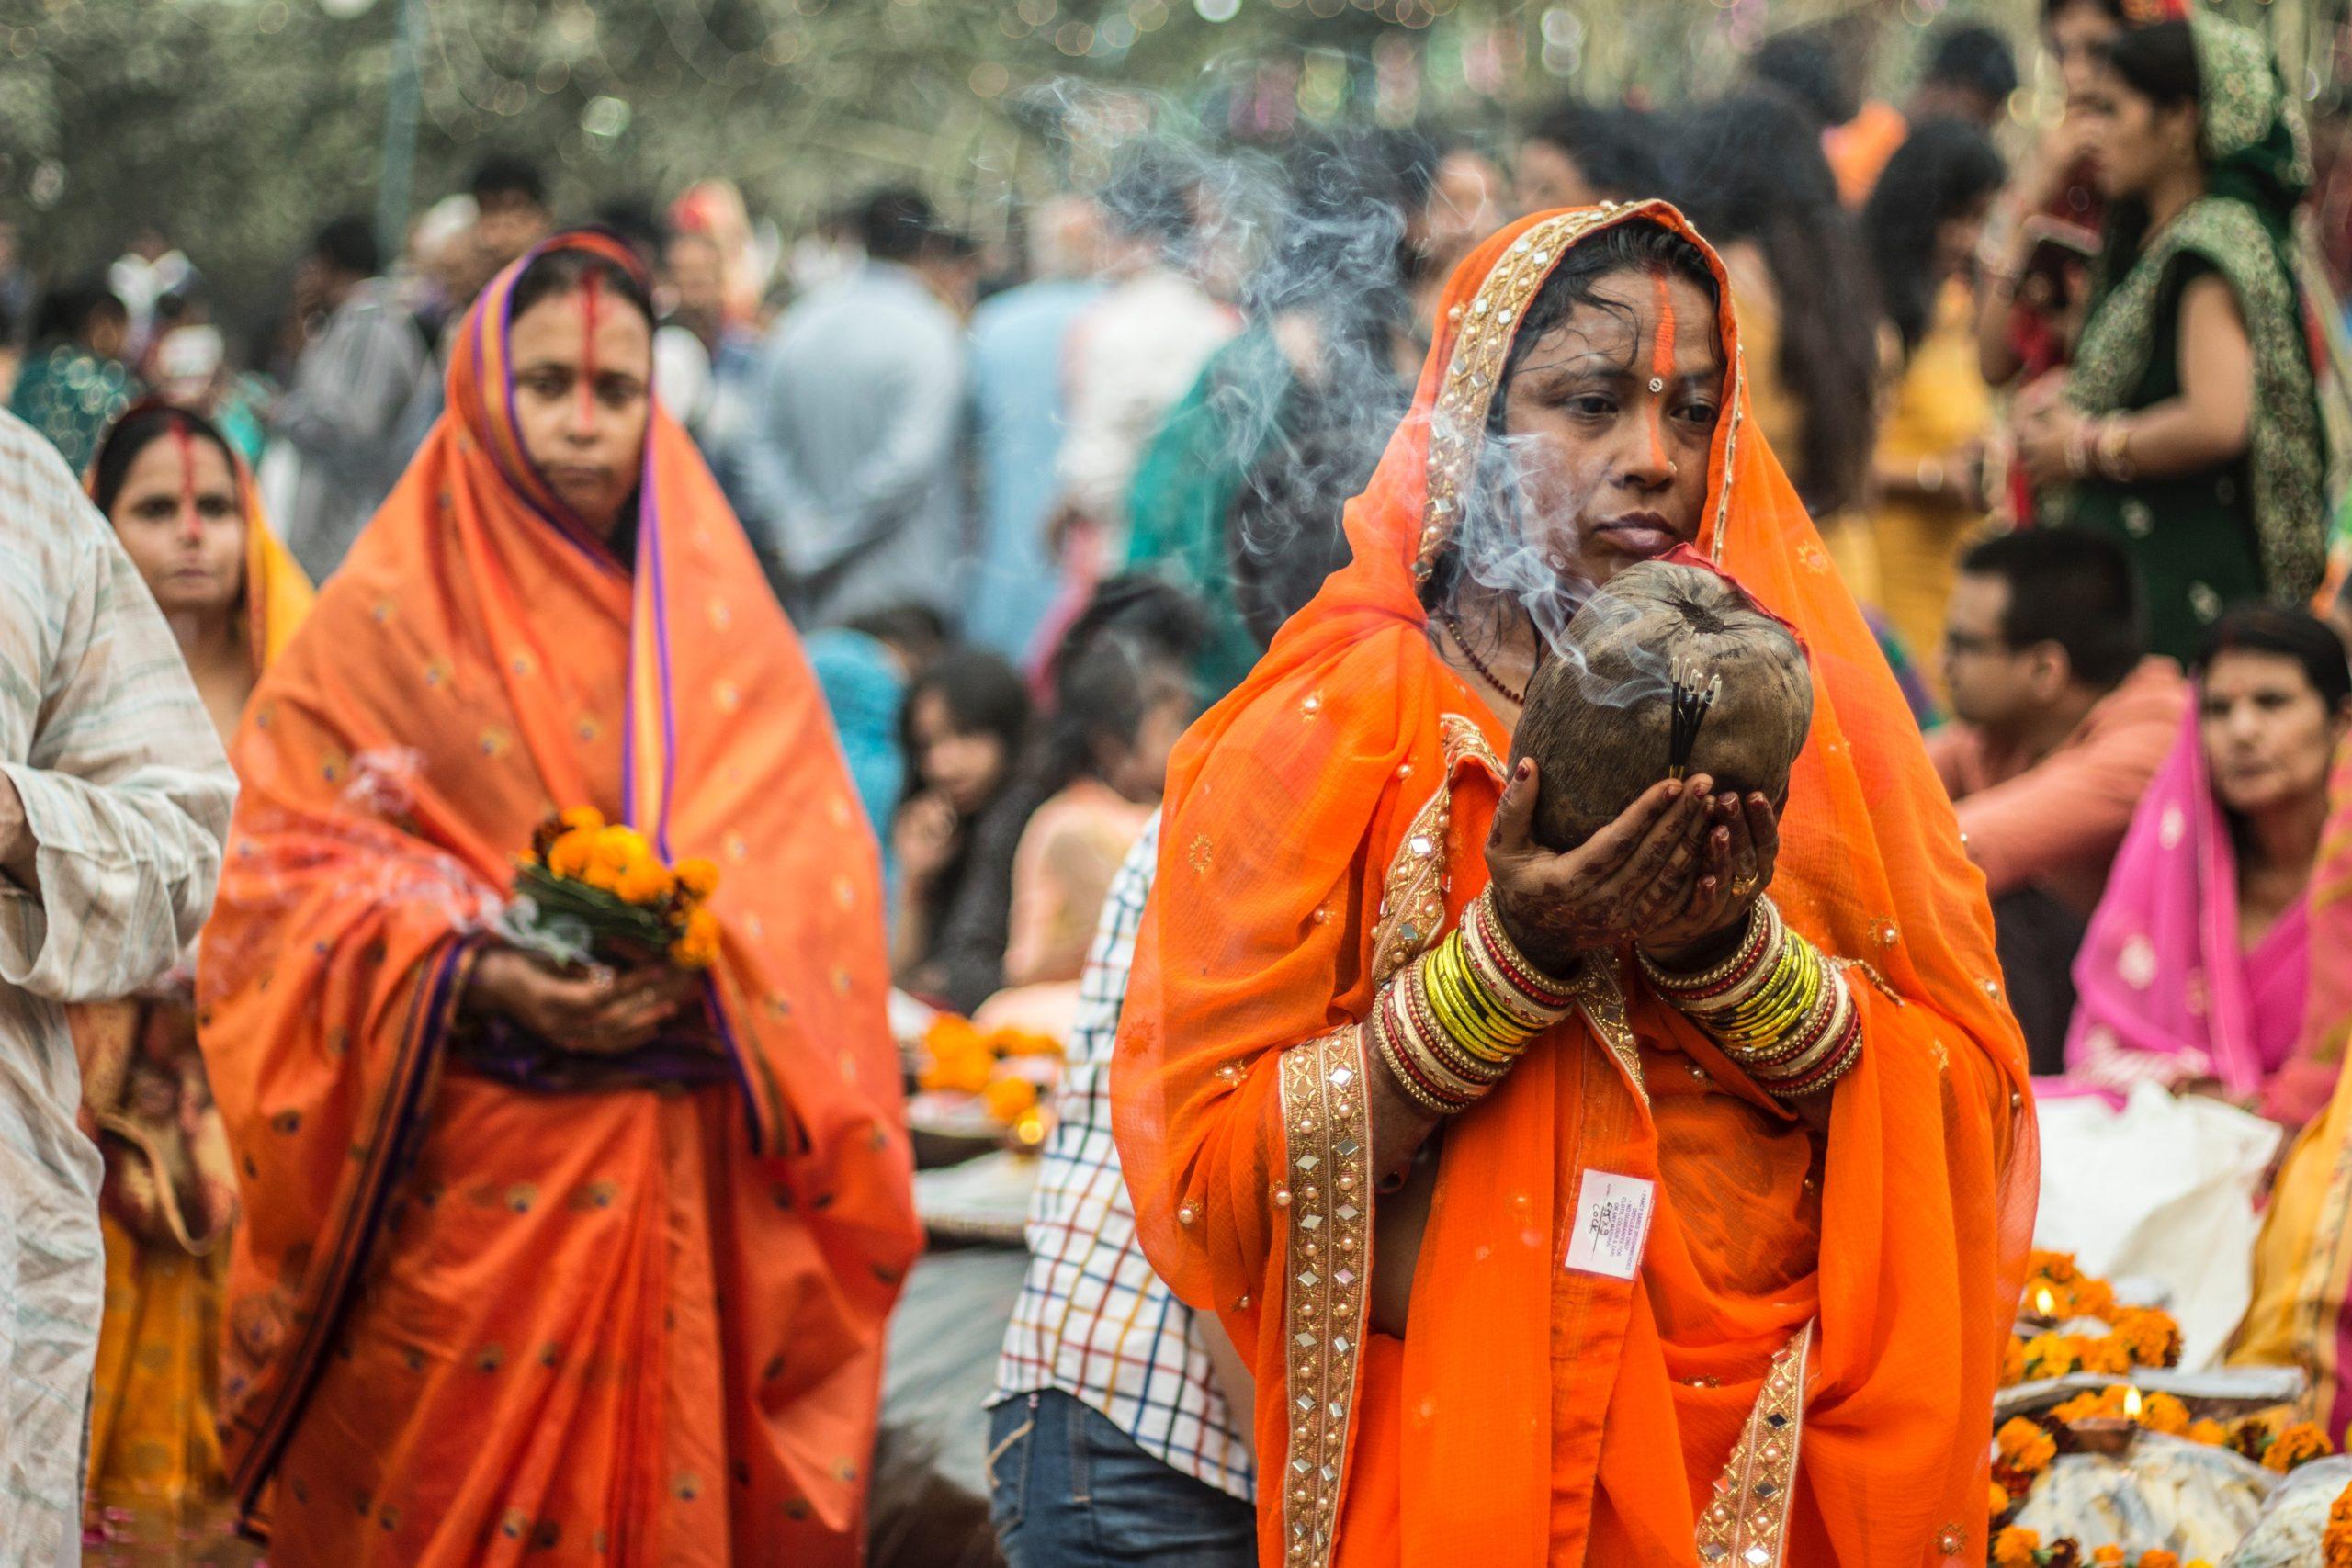 Los festivales en la India